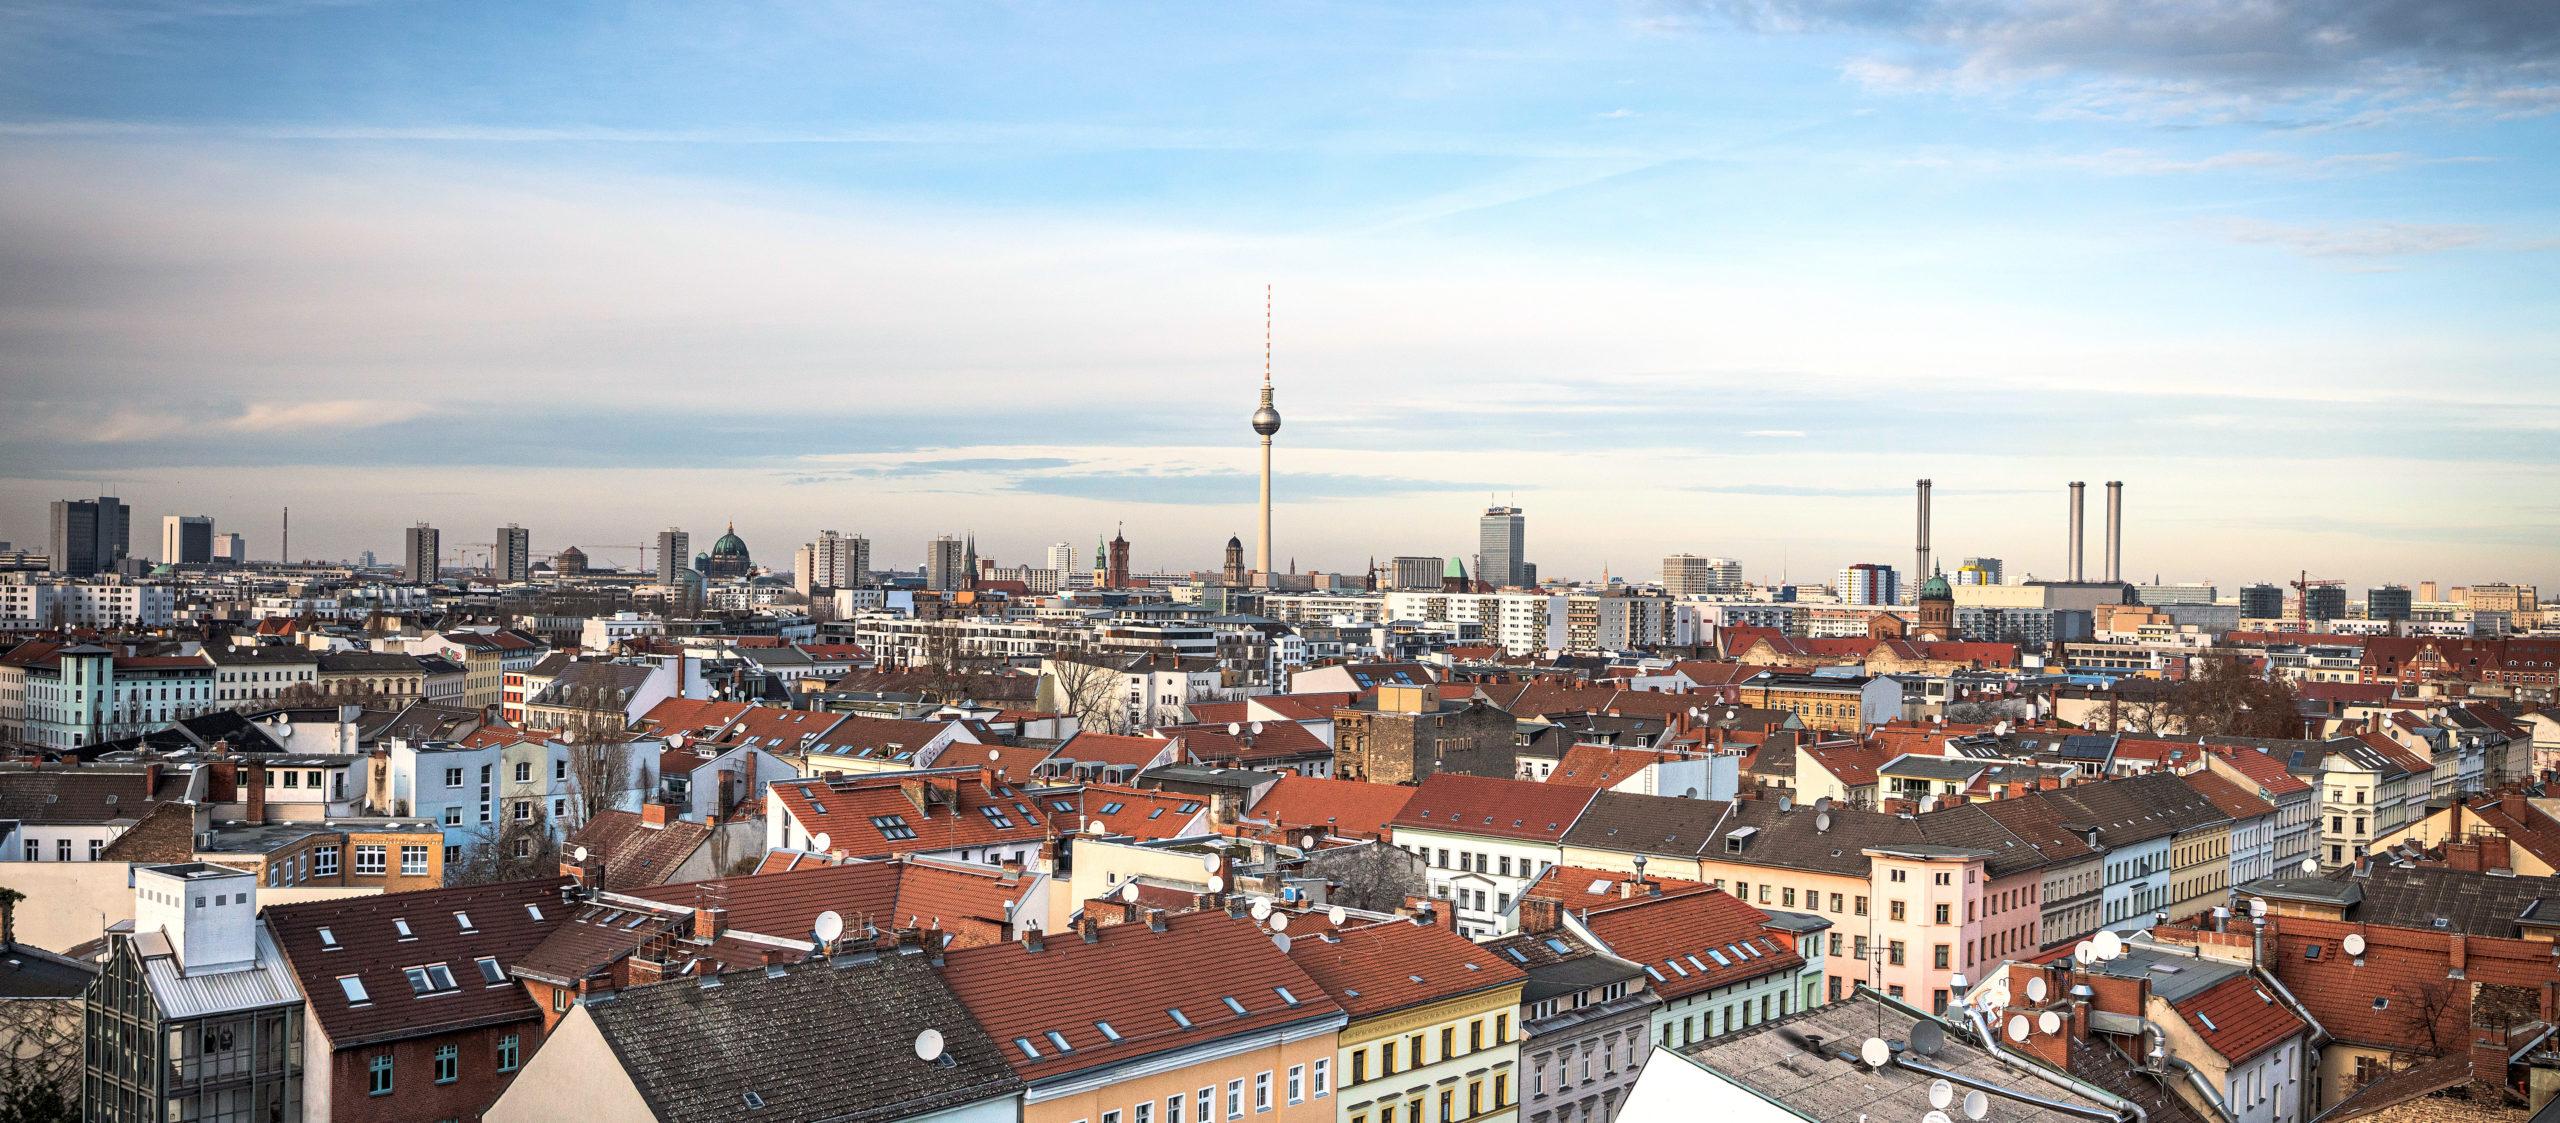 Headernild von sowohntberlin üder den Dächern von Berlin mit Fernsehturm